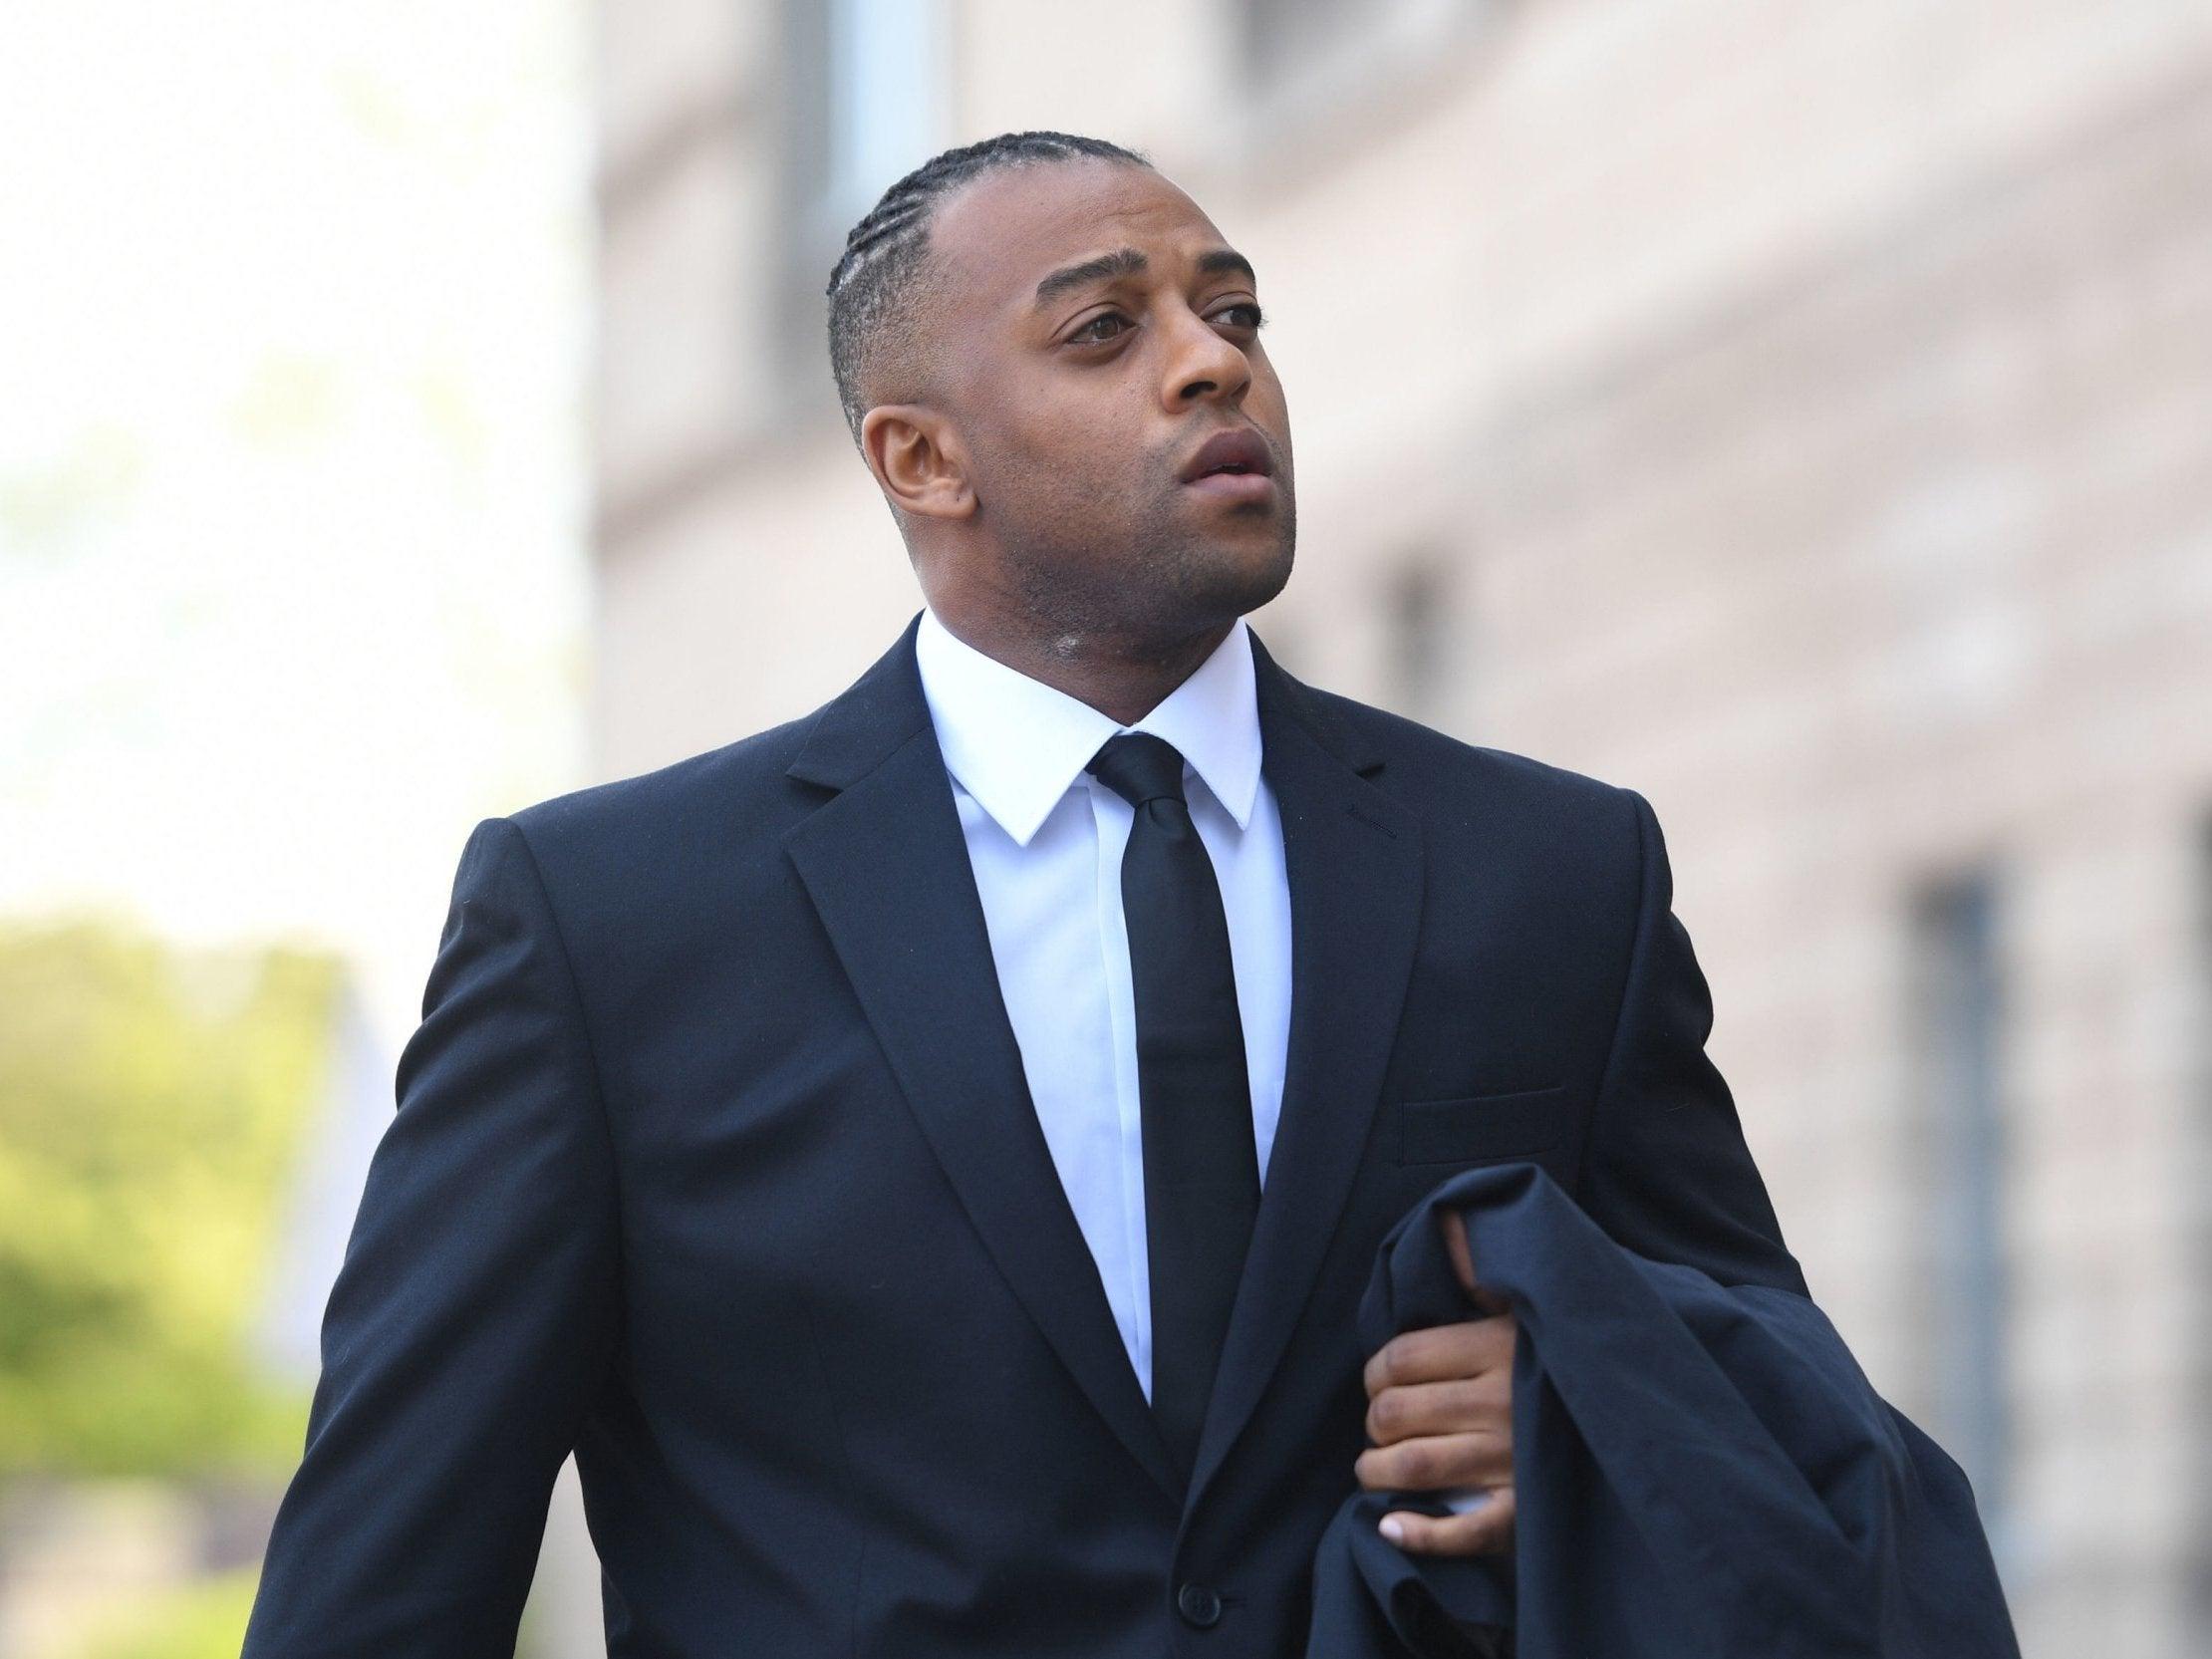 JLS star Oritse Williams says he was 'taken advantage of' by